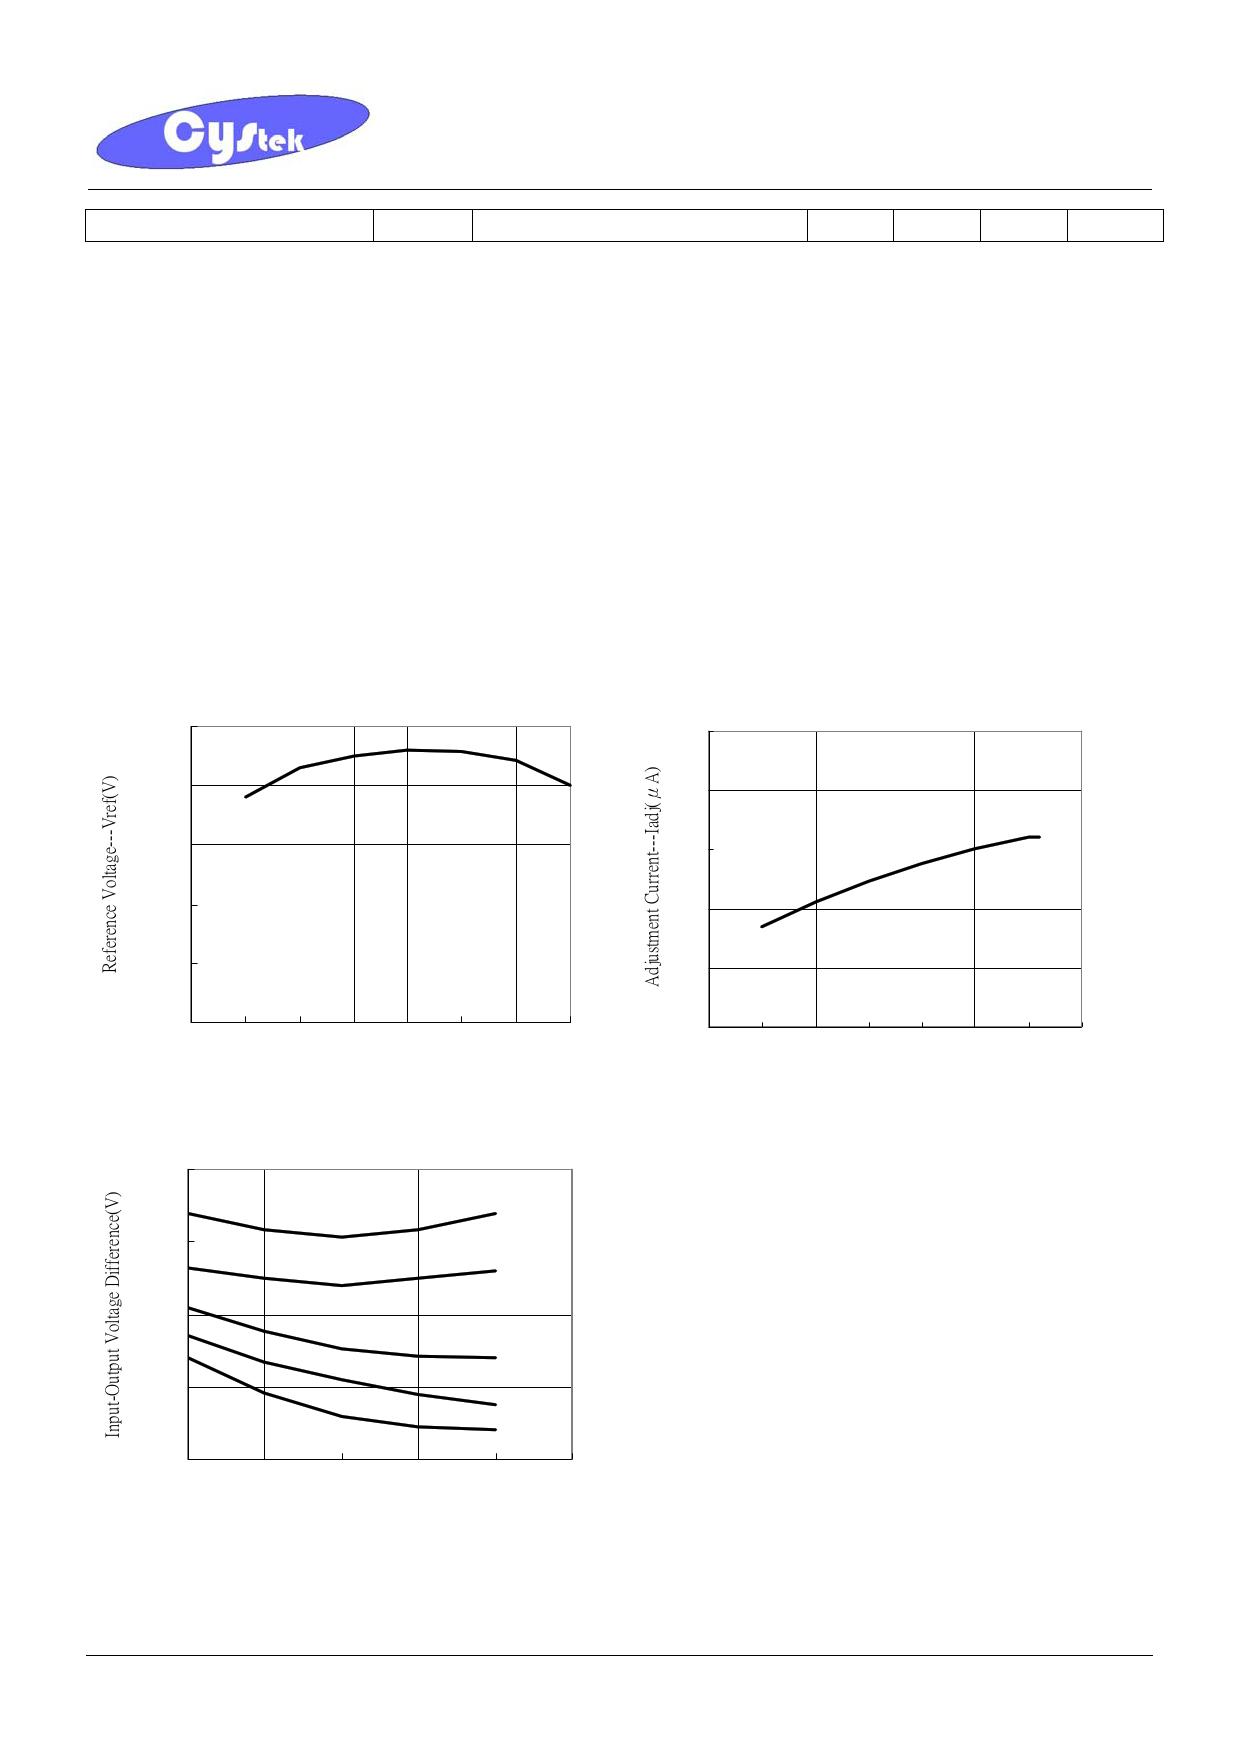 LM317LA3 pdf, ピン配列